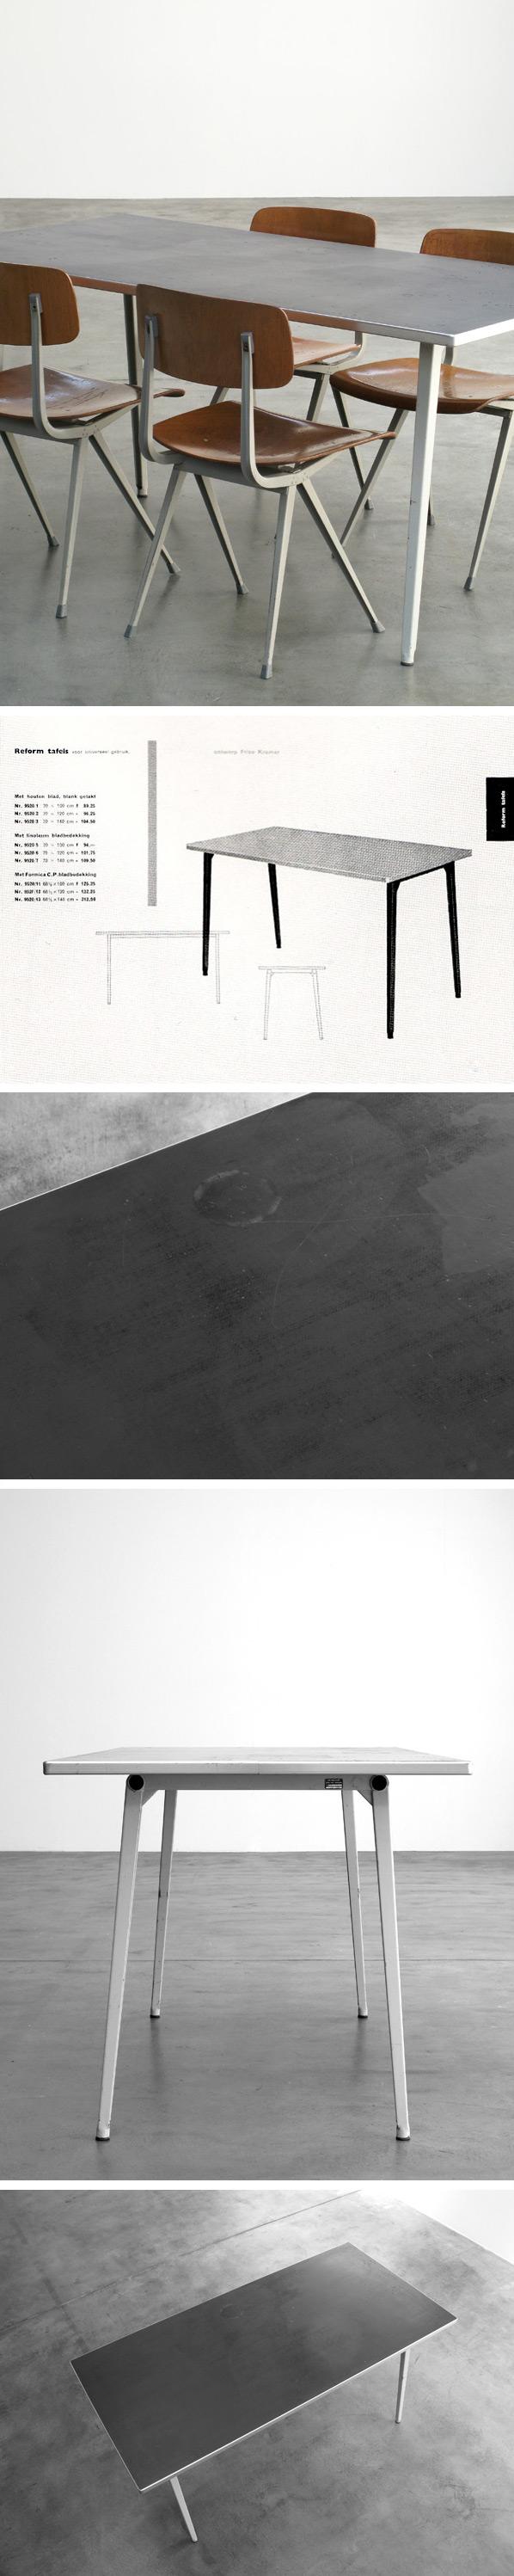 Friso Kramer Reform table 1955 Industrial design Large